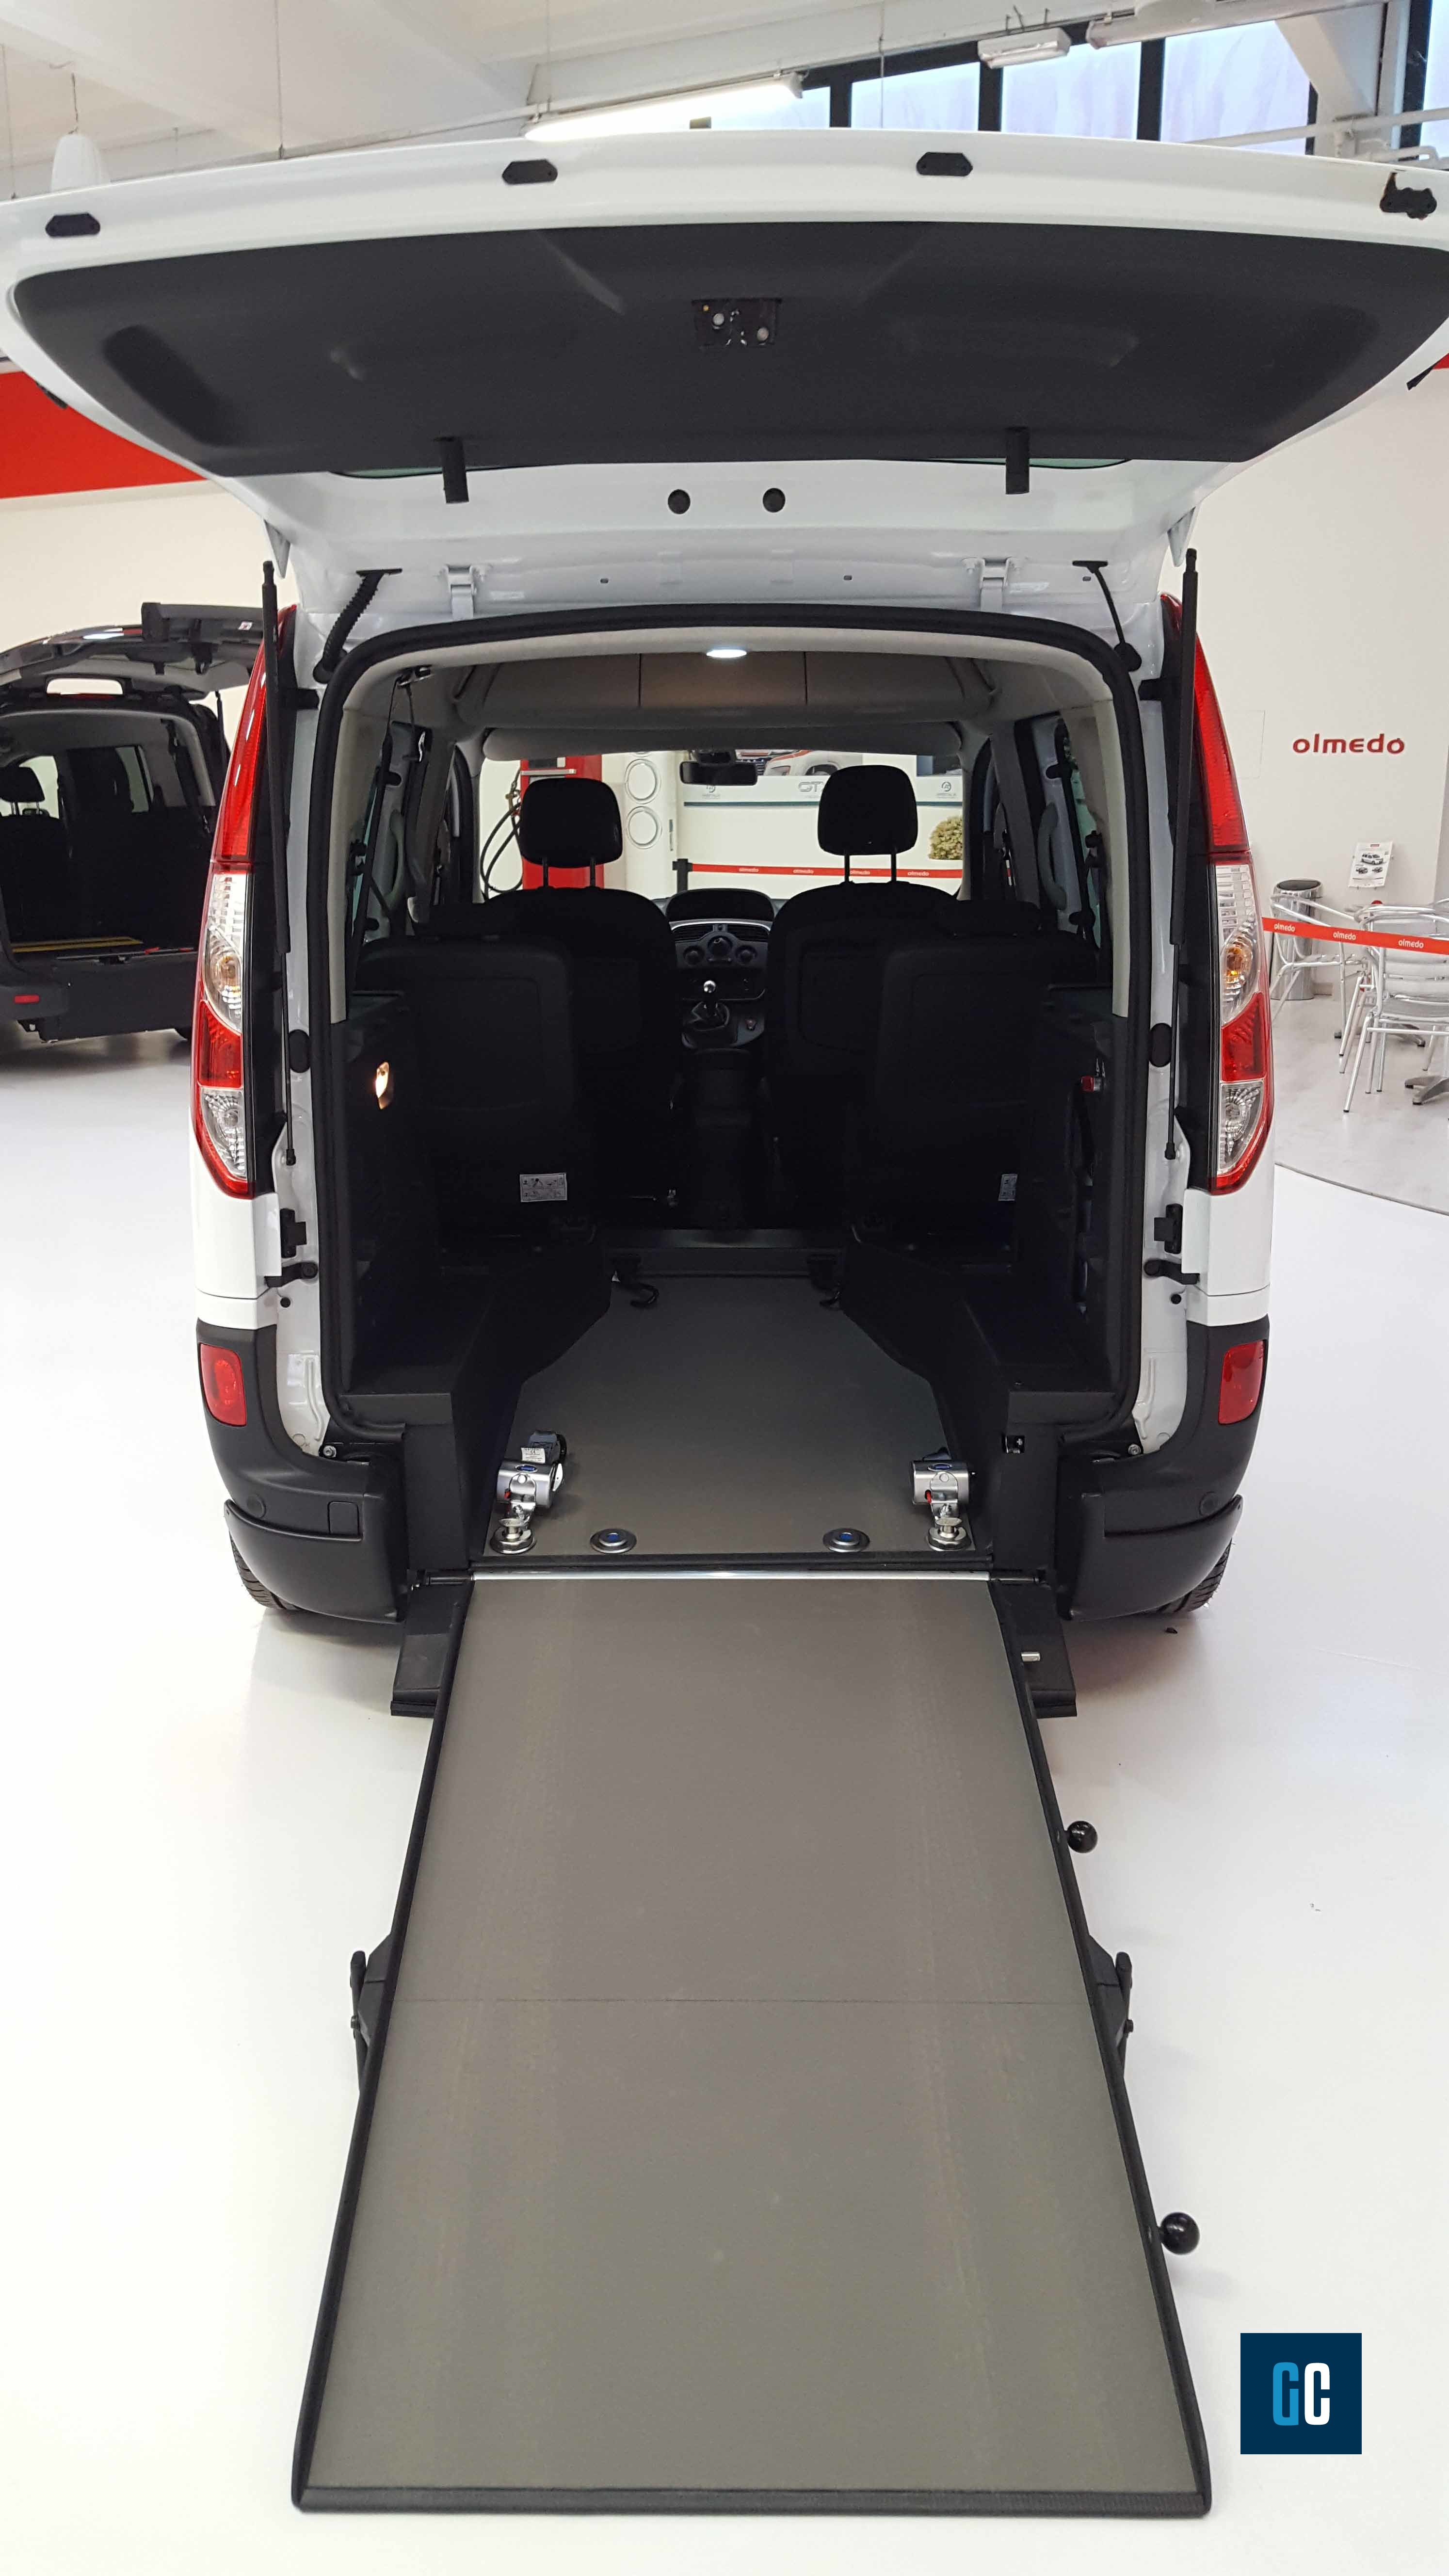 Auto per trasporto carrozzine disabili: quali caratteristiche devono avere?